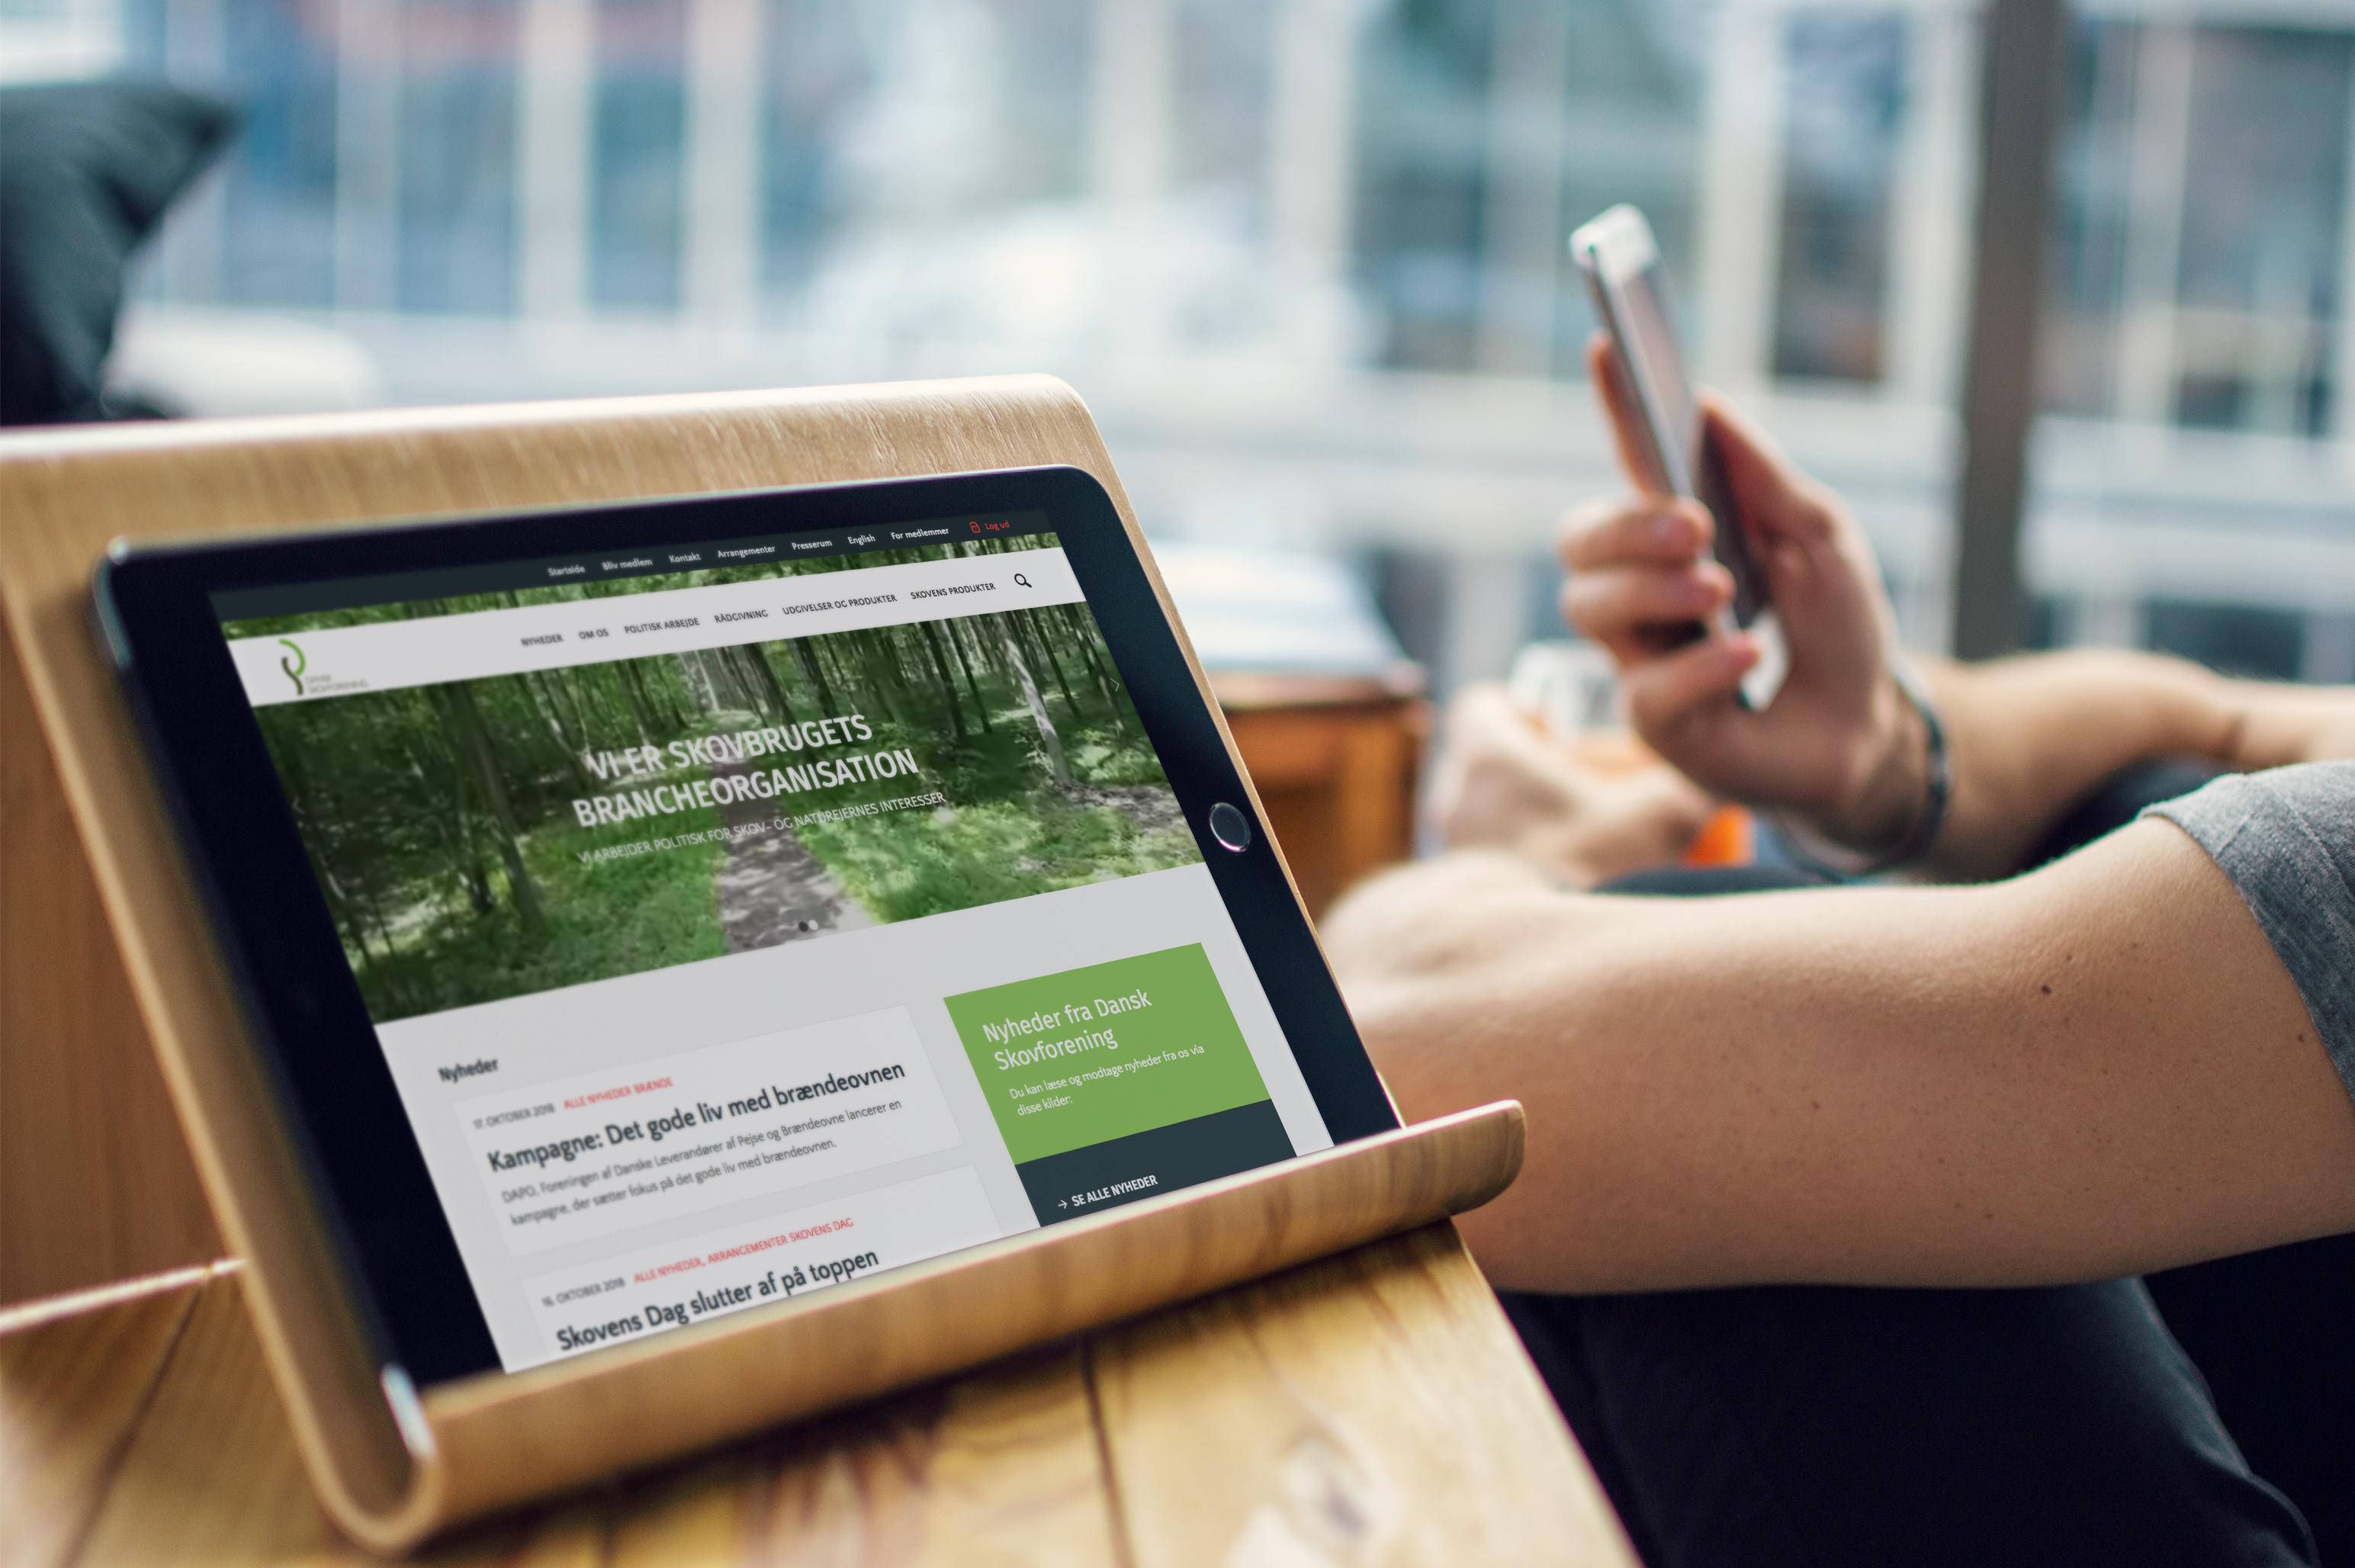 Skovforeningen_iPad.jpg